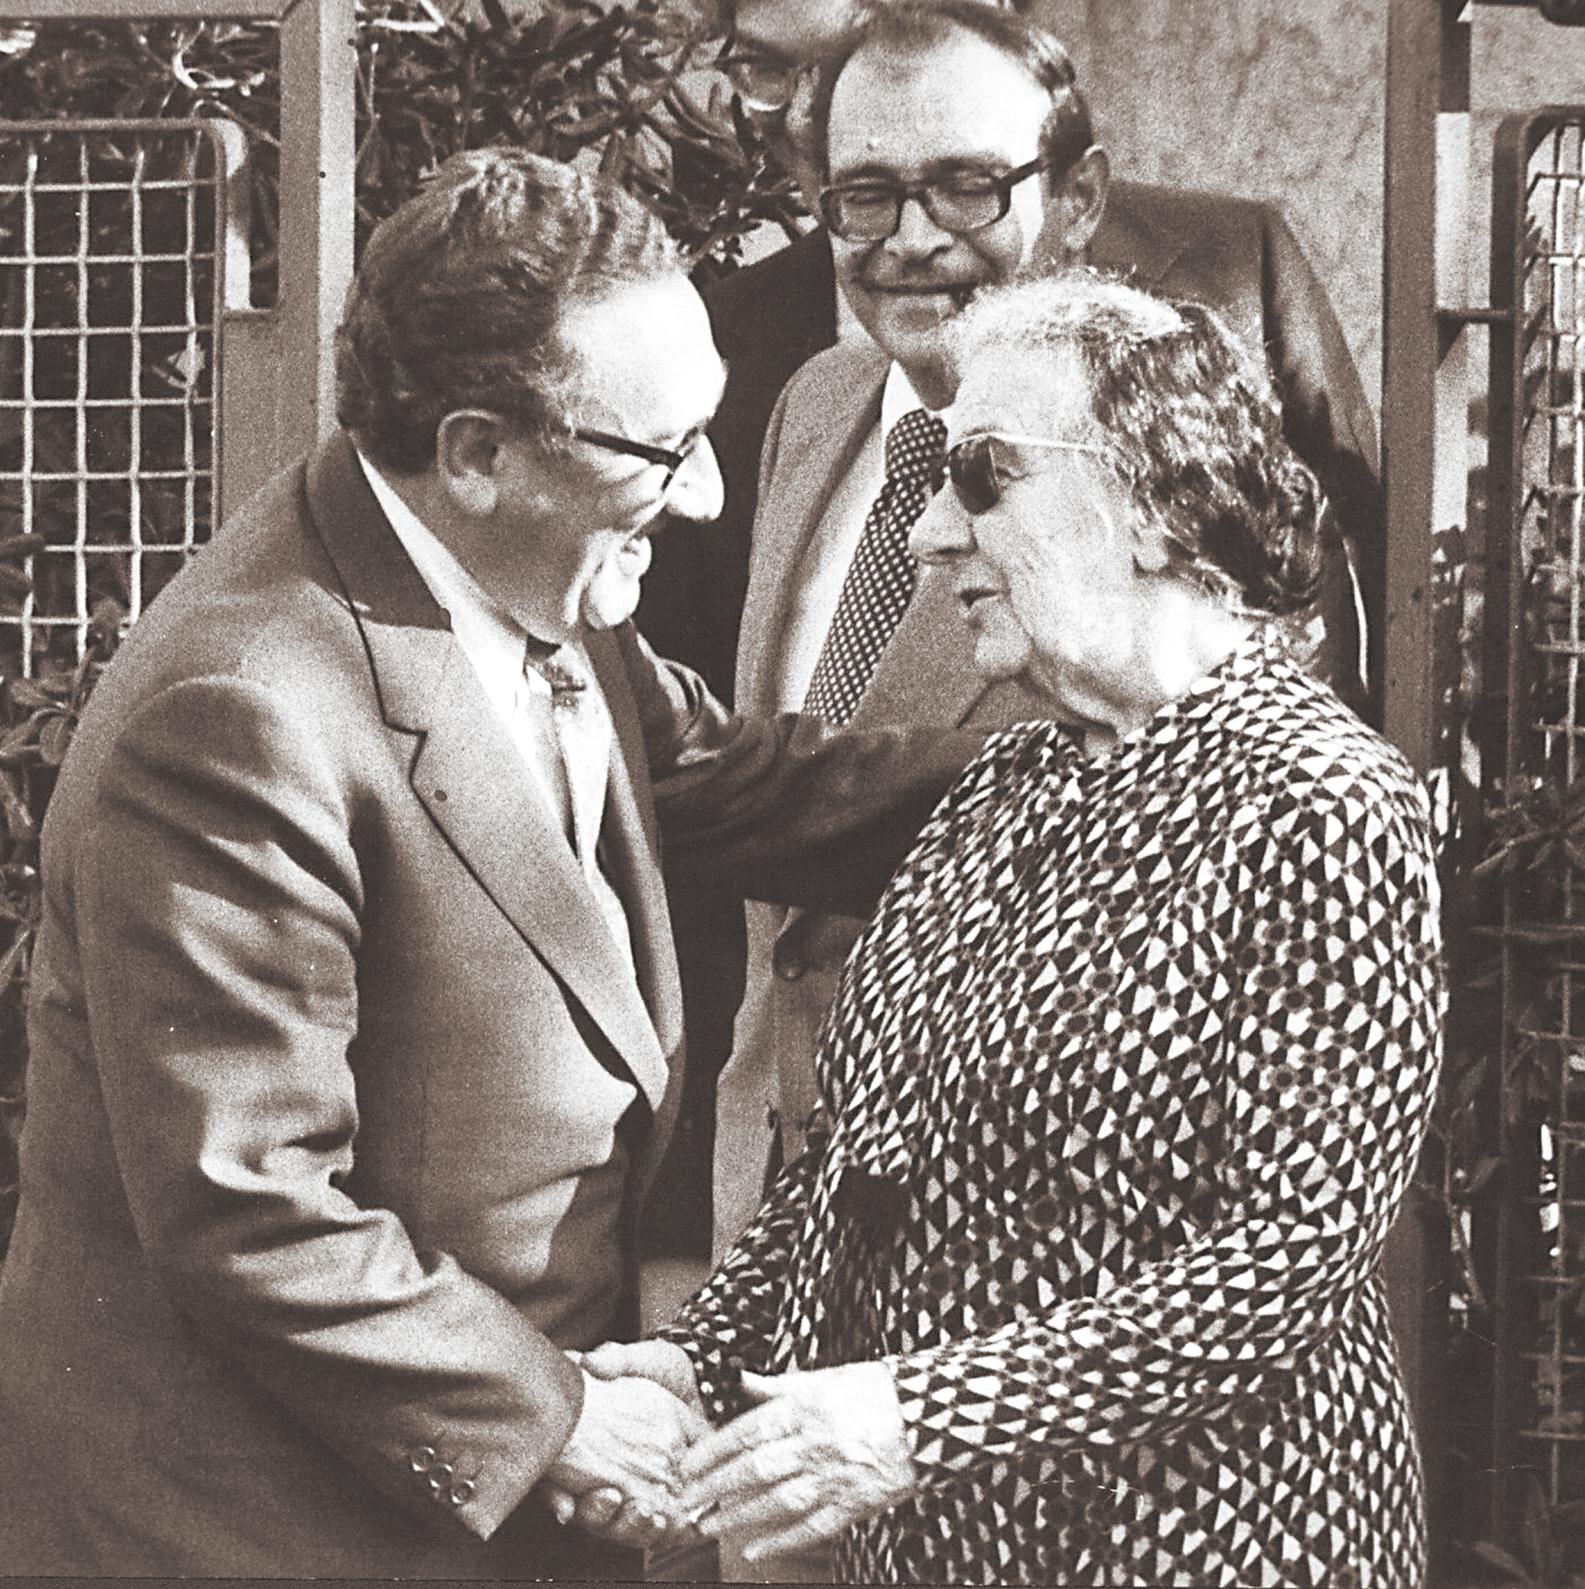 """פברואר 75'. קיסינג'ר בפגישה עם רה""""מ גולדה (מאחוריהם, השליח המיוחד שמחה דיניץ). קיסינג'ר: """"כשהמלחמה פרצה עוד לא היה לנו כל מושג ברור מיהו סאדאת"""""""